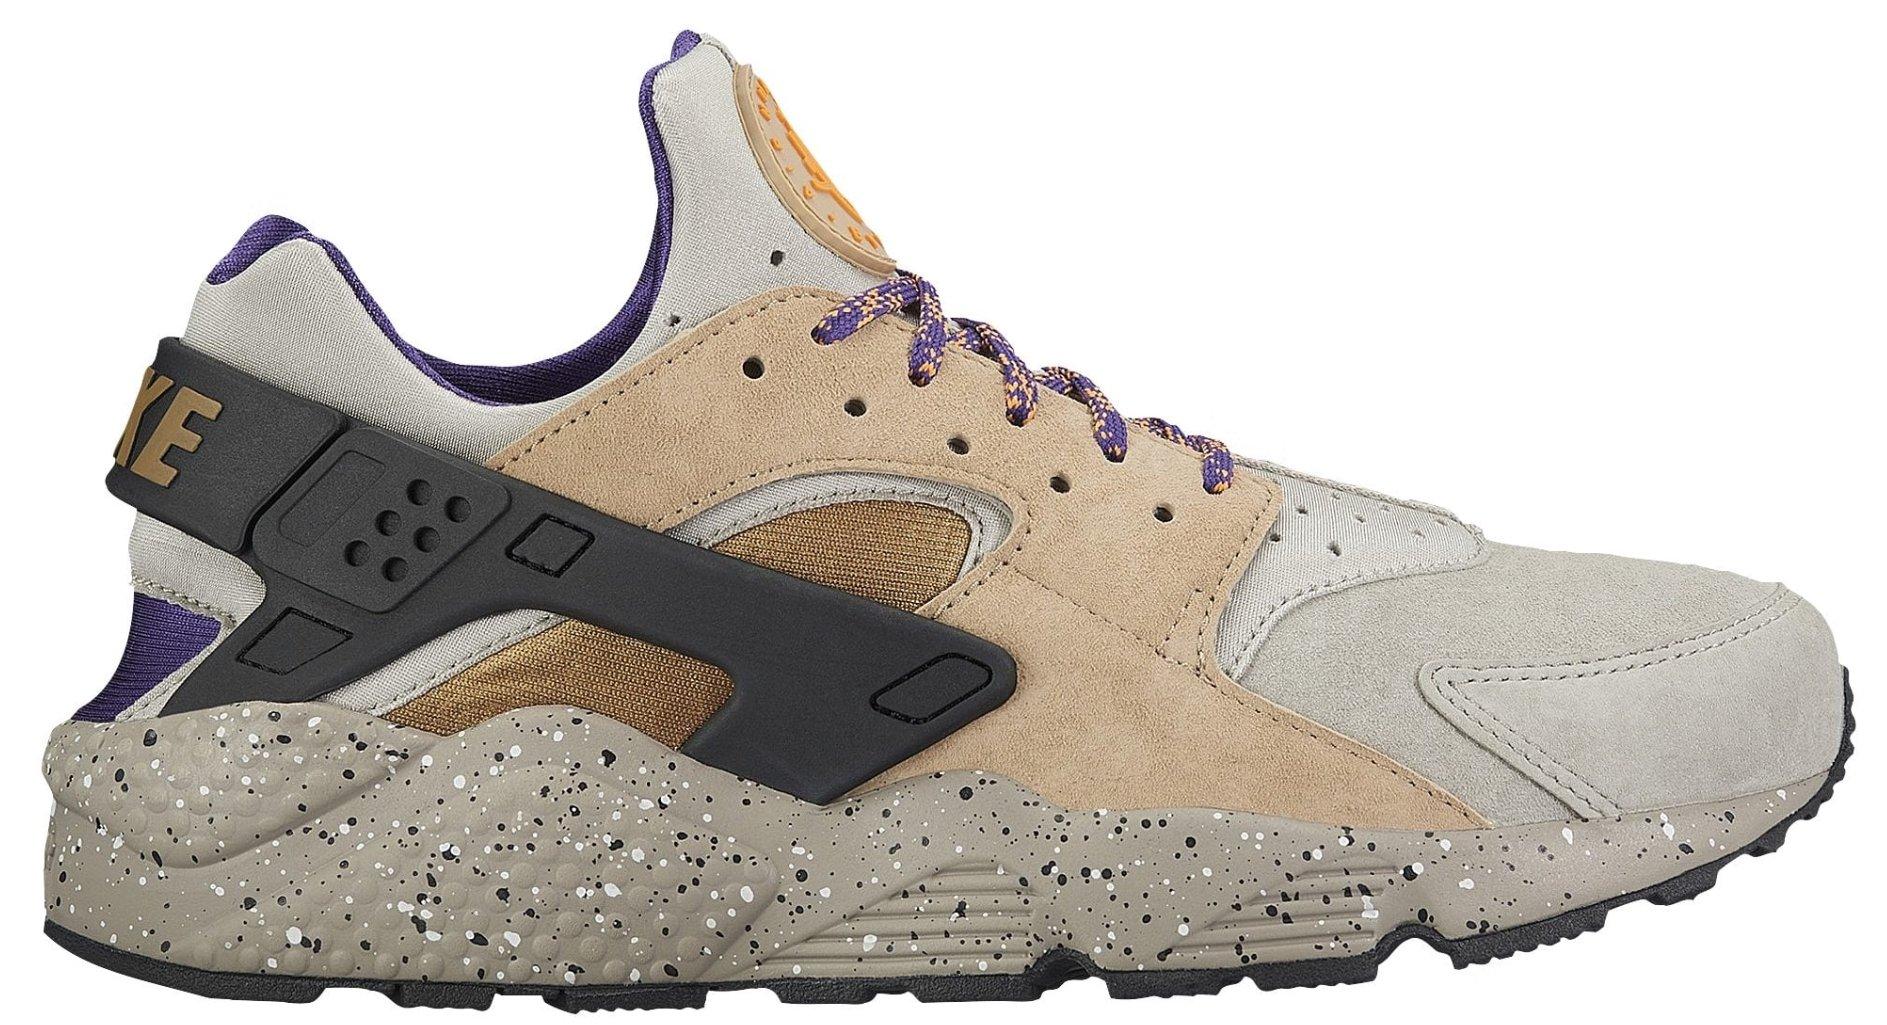 723490725a1b Galleon - Nike Men s Air Huarache Run Prm Gymnastics Shoes ...